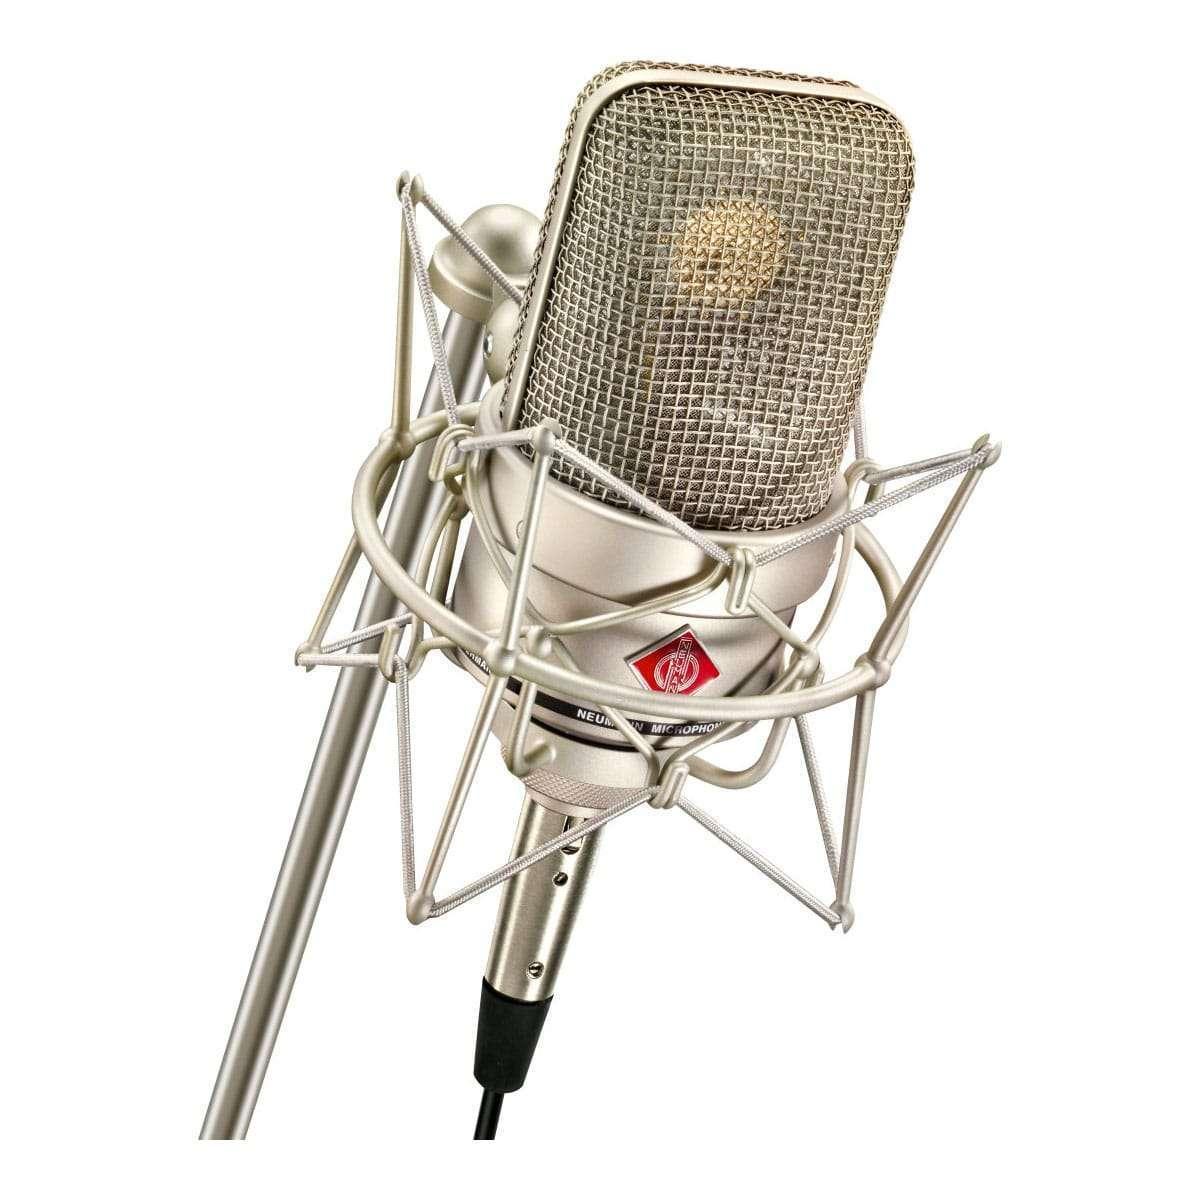 Neumann TLM 49 EA 3 bundle 05 Microfoni a Condensatore, Microfoni professionali, Strumentazioni Pro Audio per studi di registrazione